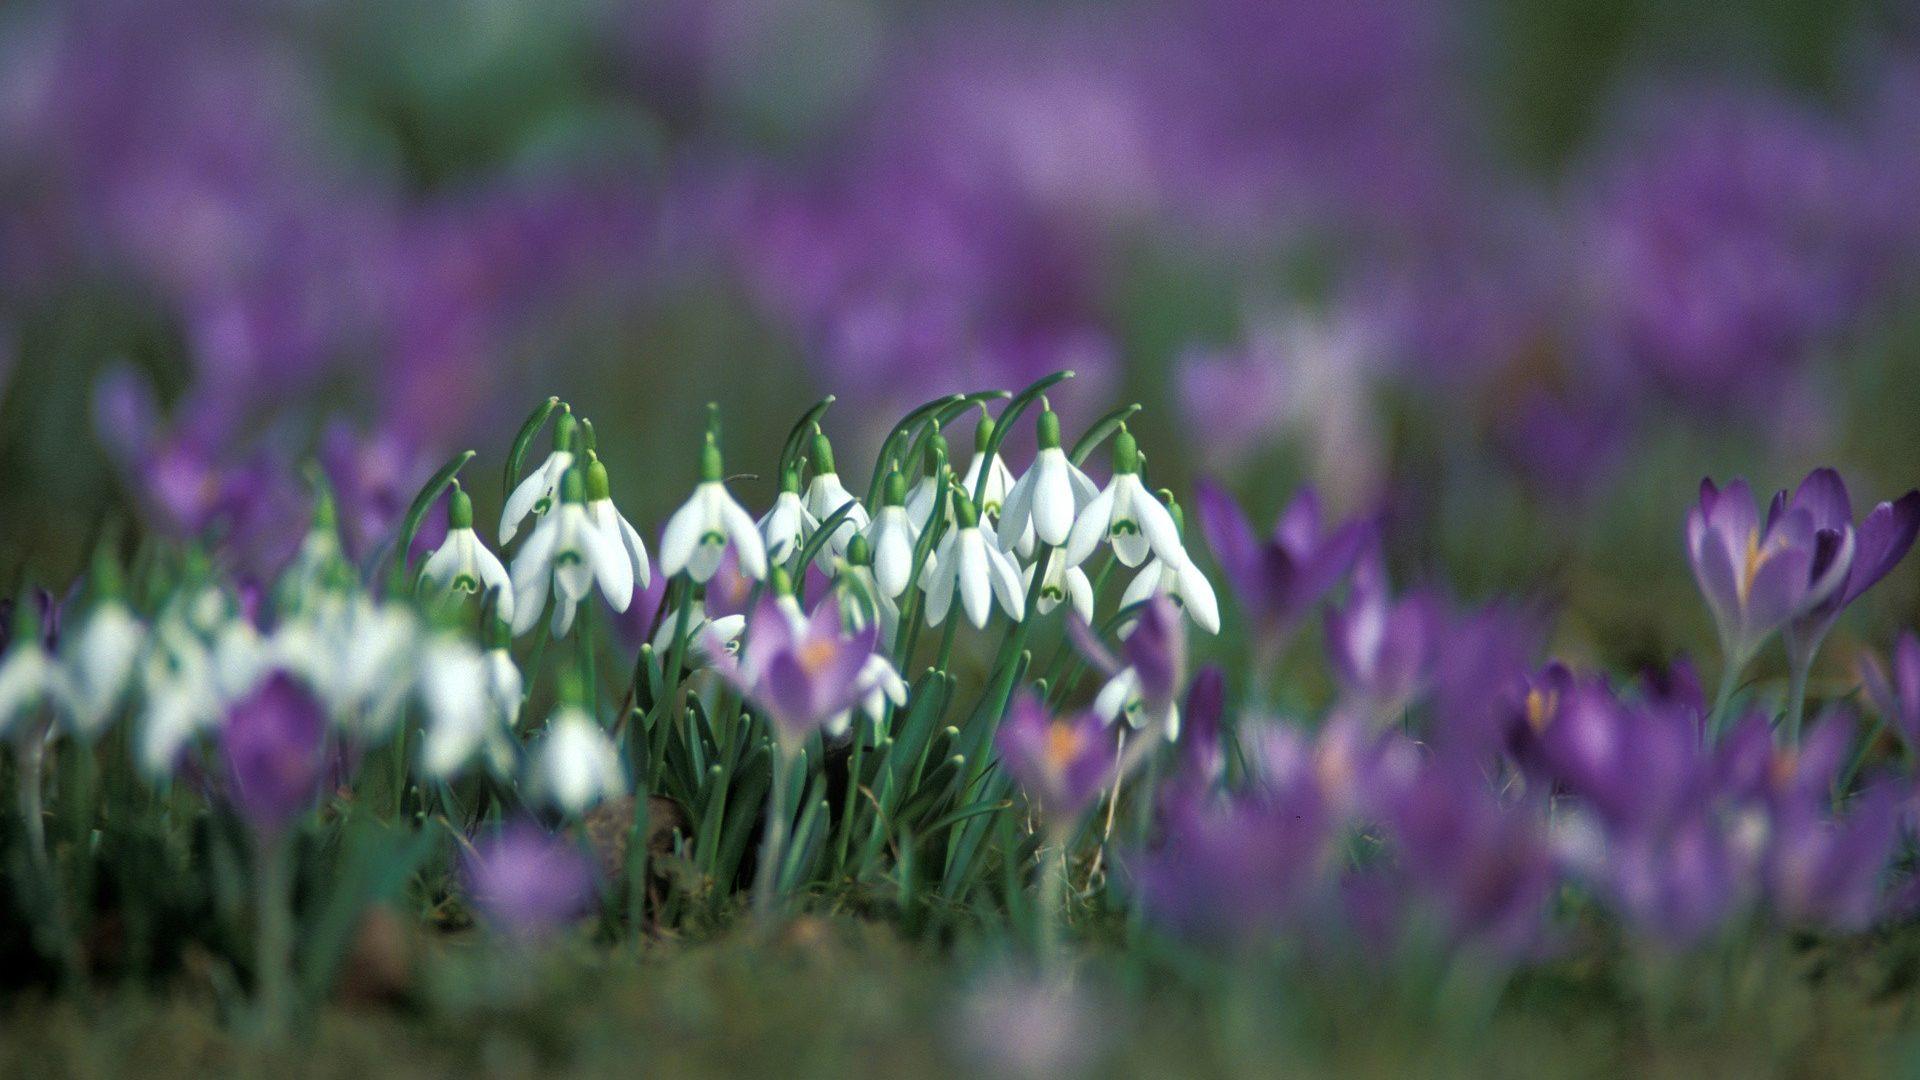 Download White Purple Flowers Wonderful Jasmine Flower - Field Of Snowdrops , HD Wallpaper & Backgrounds